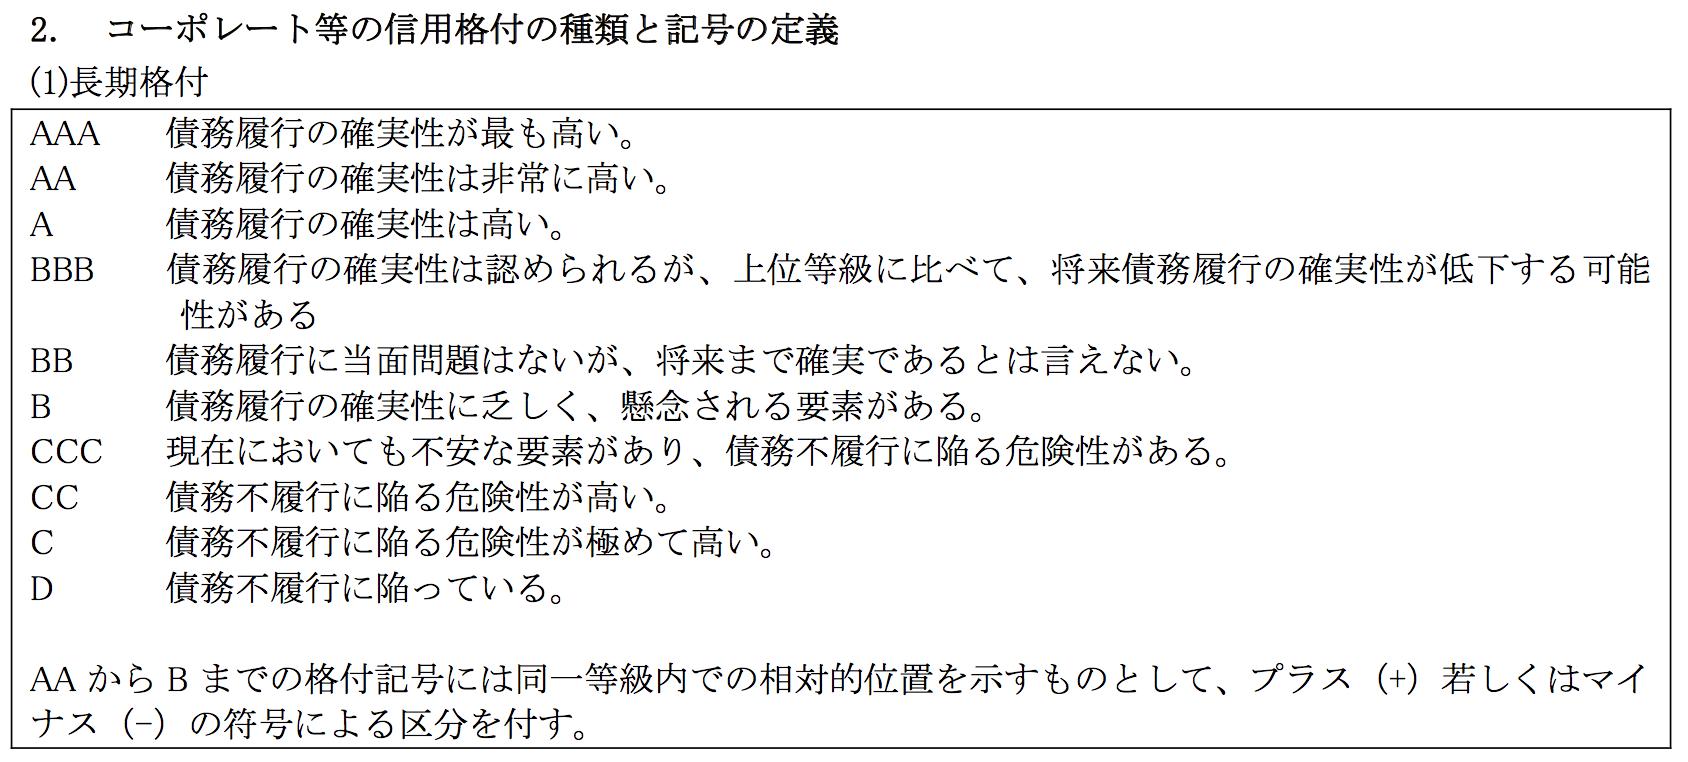 日本格付研究所(JCR)の格付定義